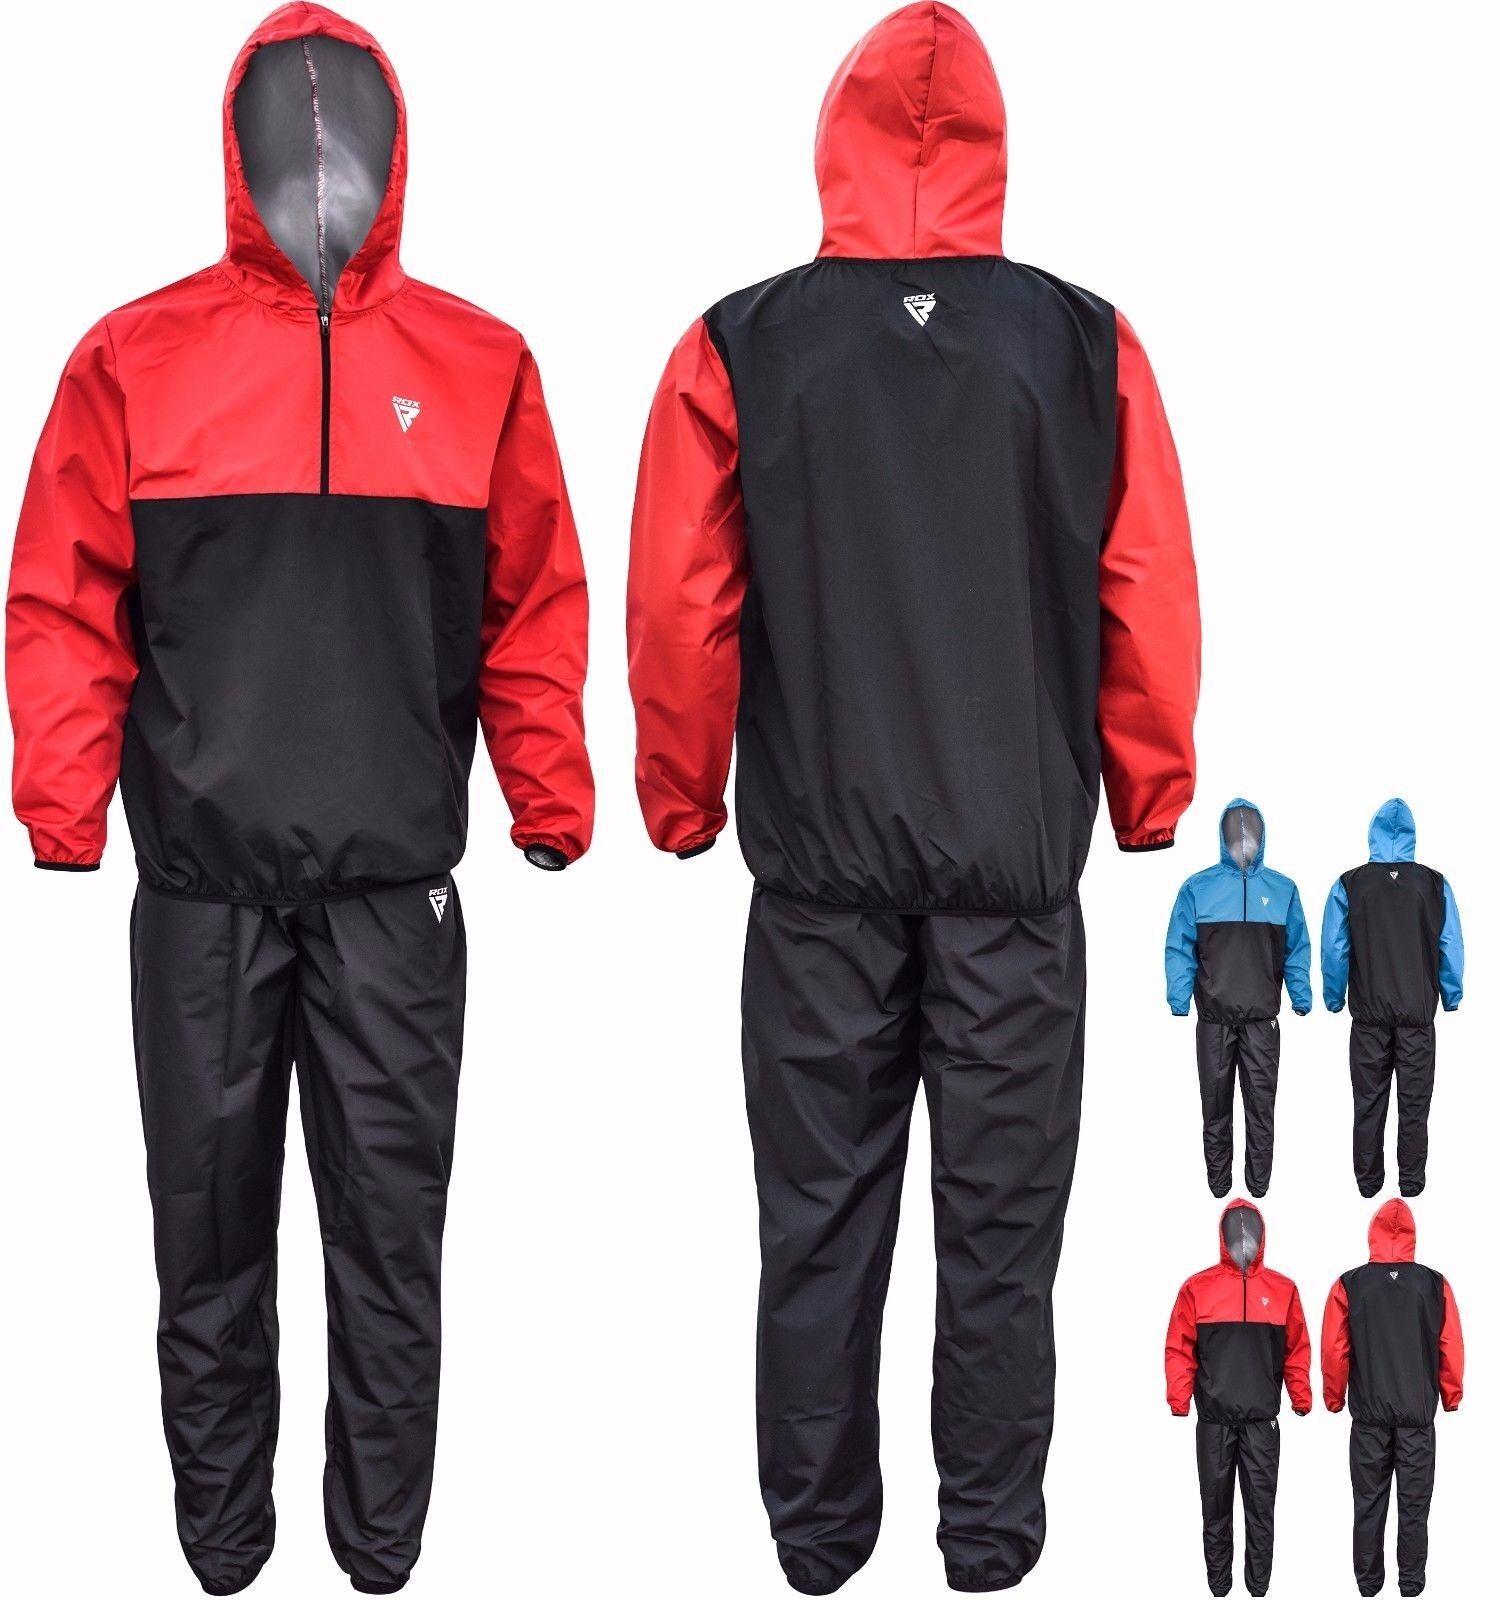 RDX Sweatanzug Sauna Suit Sport Saunaanzug Training Laufen Gewichtsverlust SW